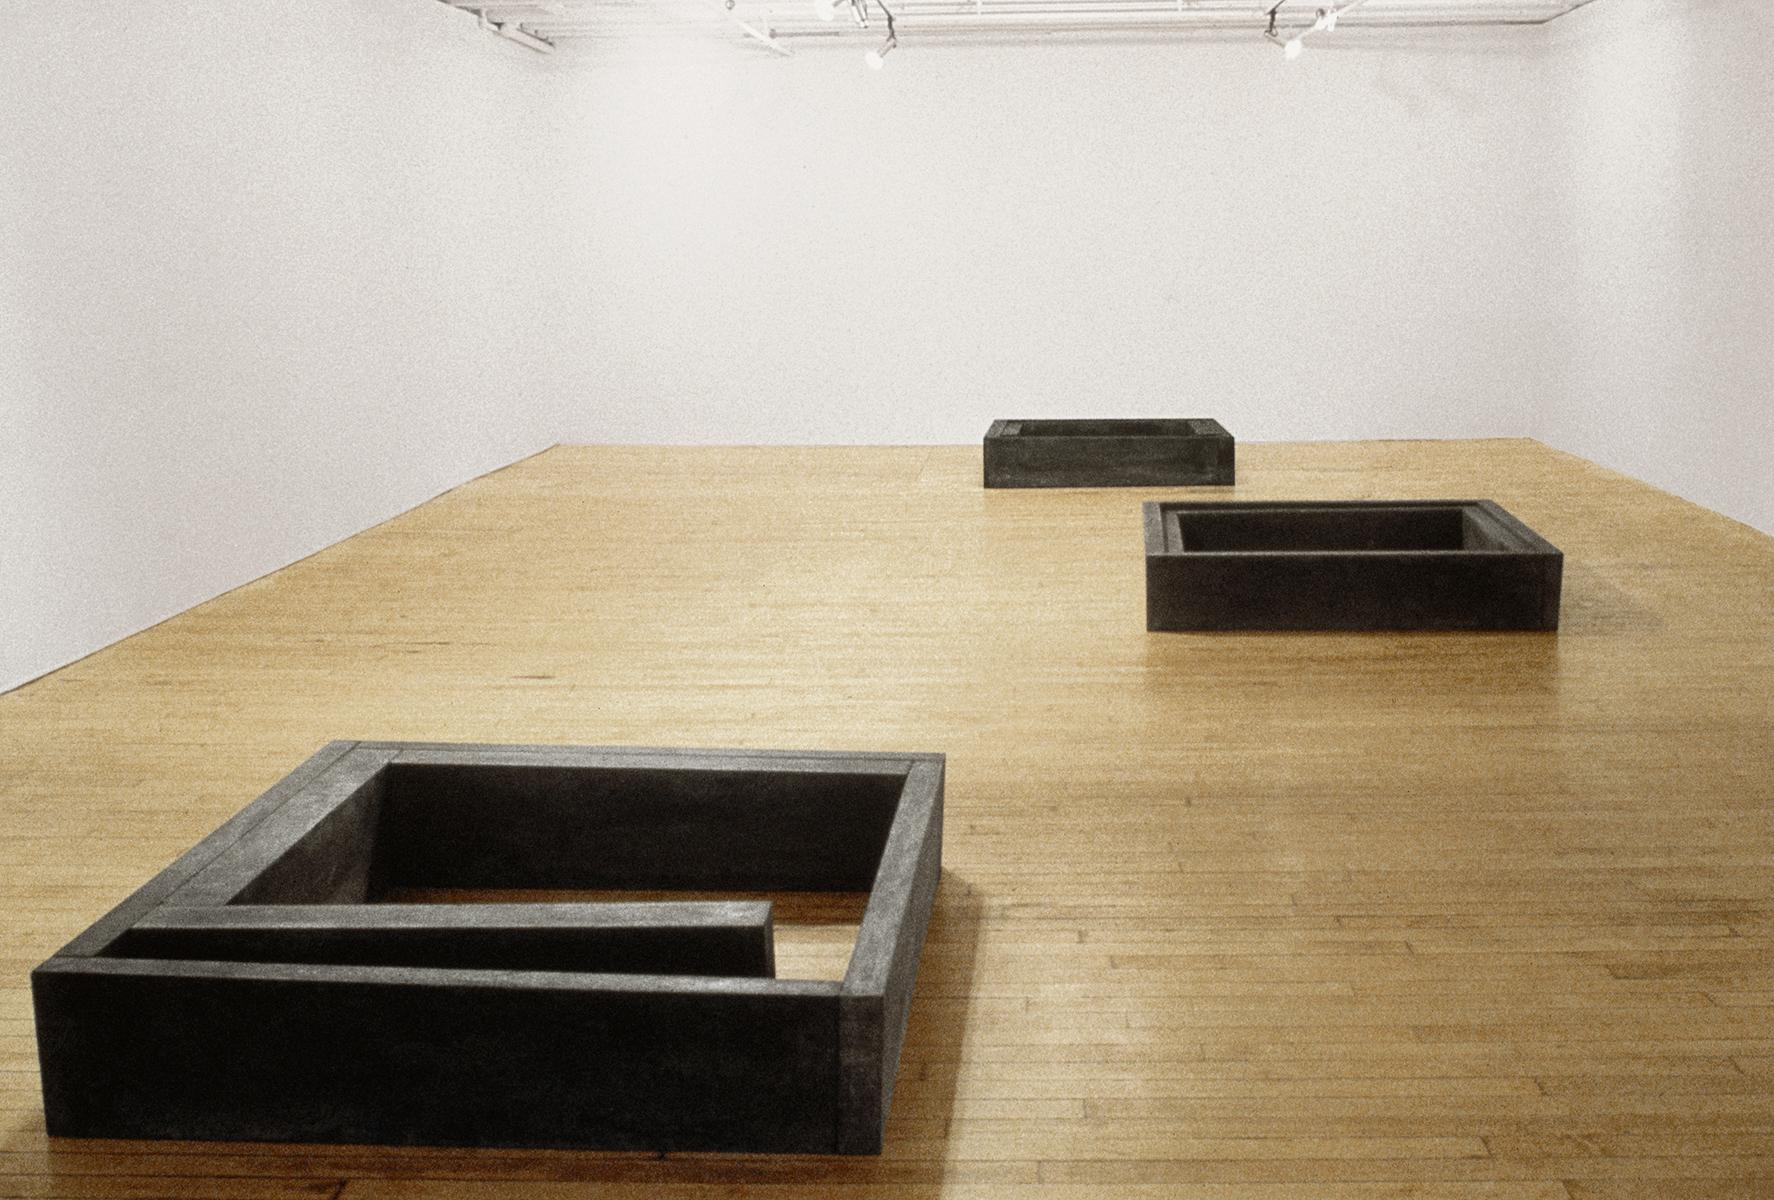 Lieu ,  En forme de vide ,  Contenu  (1980)    Installation au Musée des beaux-art du Canada. photo : Richard-Max Tremblay. Collection MNBAQ.